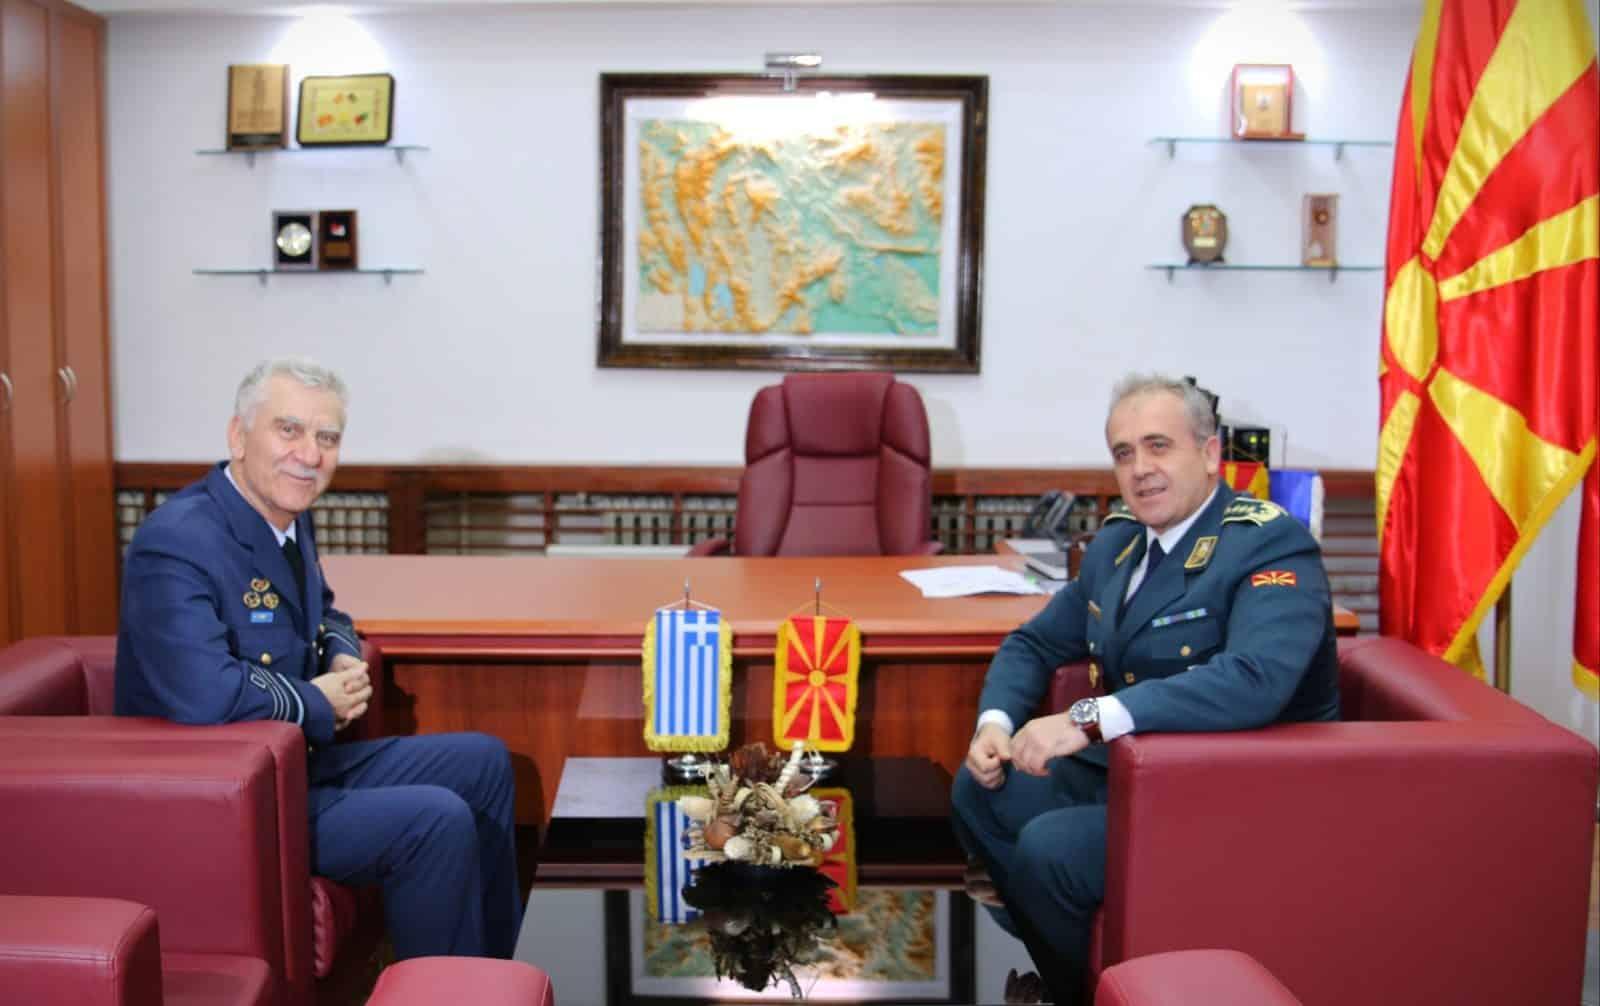 Αρχηγός ΓΕΕΘΑ: Τι έκανε στη Βόρεια Μακεδονία - Ανακοίνωση